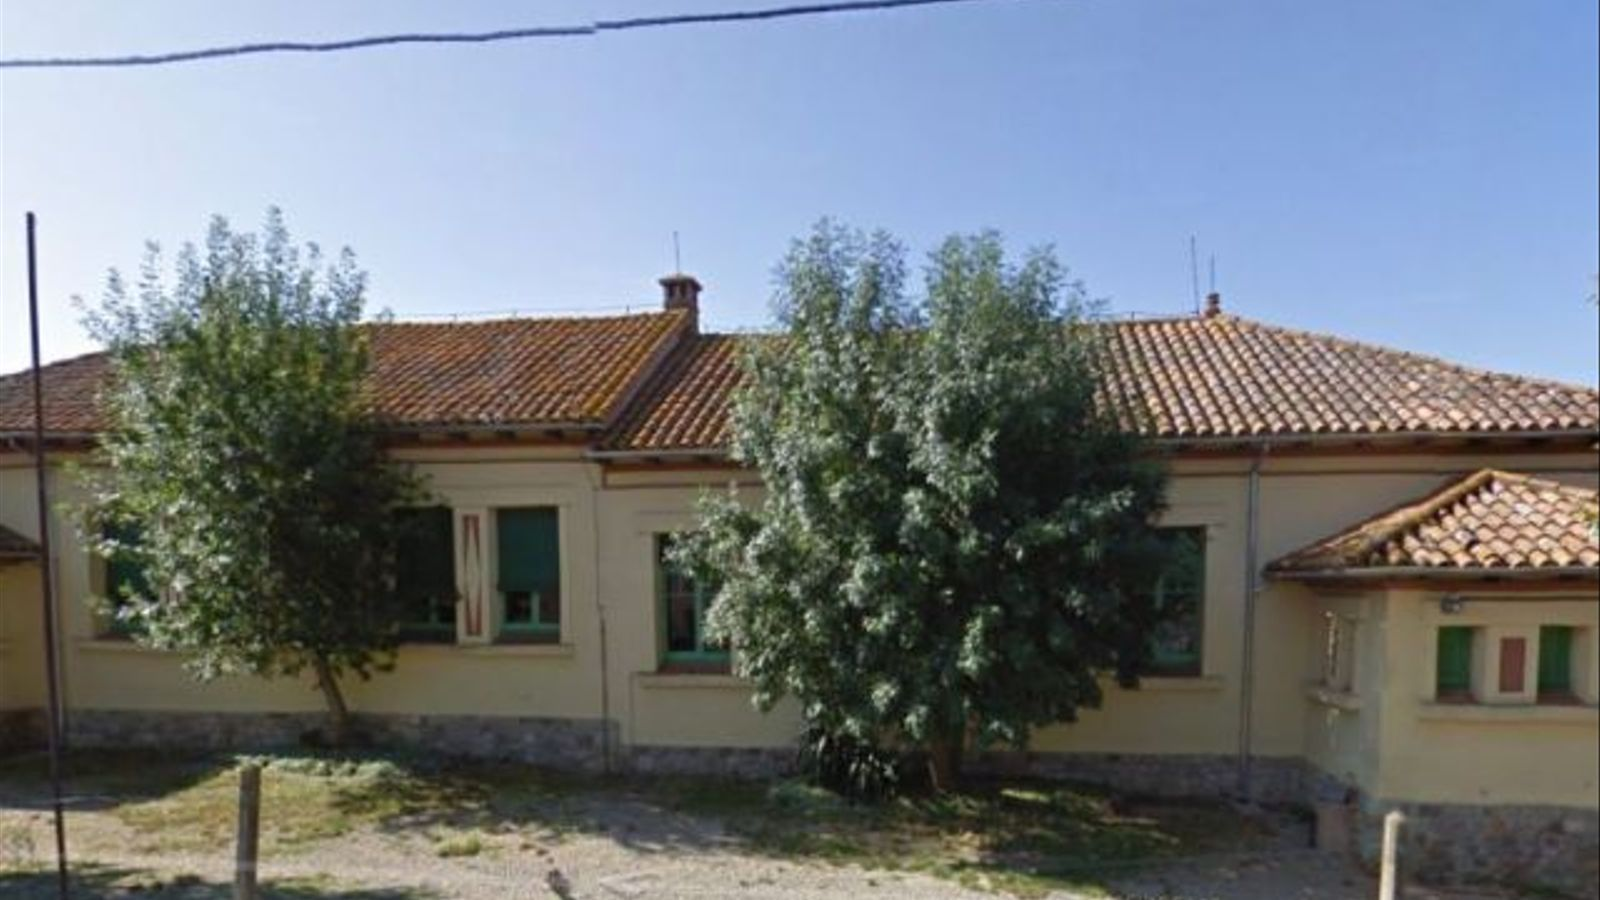 L'escola de Sant Esteve de Guiables, a Vilademuls, és la primera que detecta un possible cas de covid entre el professorat